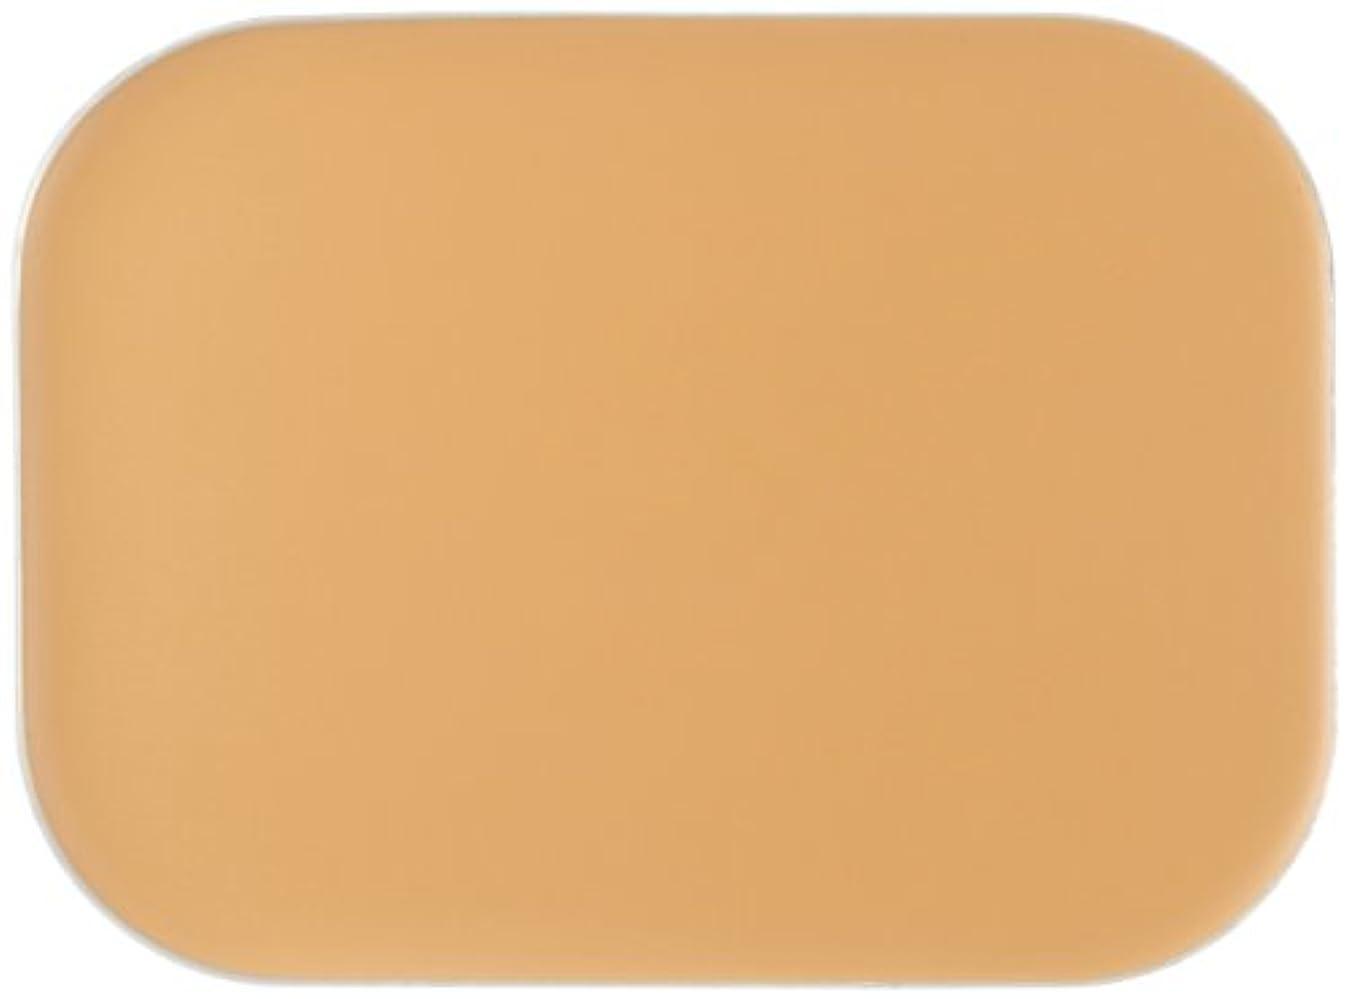 スモッグクック服を片付けるKOSE コーセー ノア クリーミィ ファンデーション UV 詰替用 11 (9g)